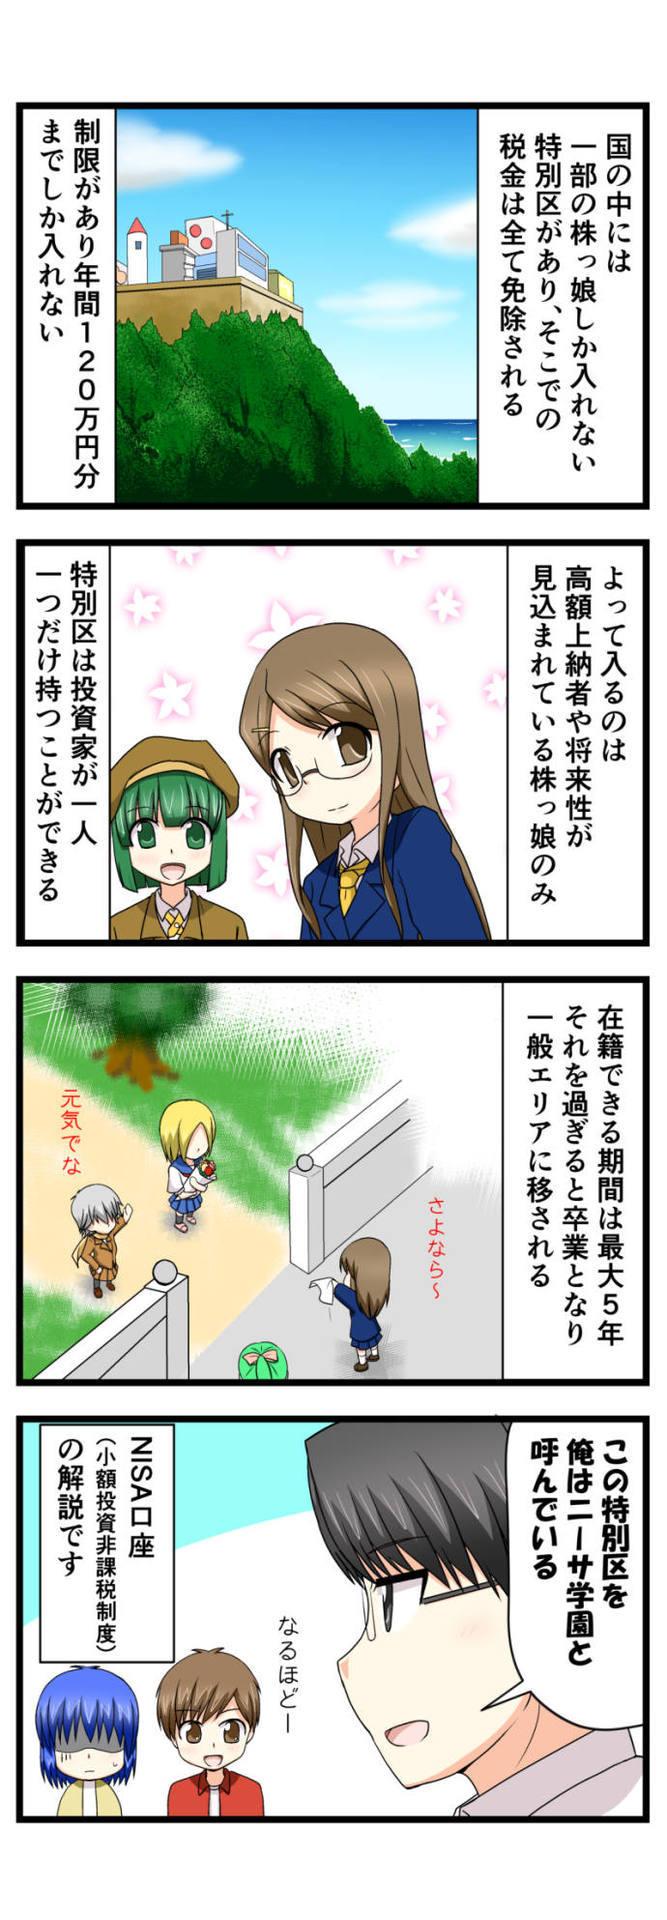 萌える株セミナー21c.jpg